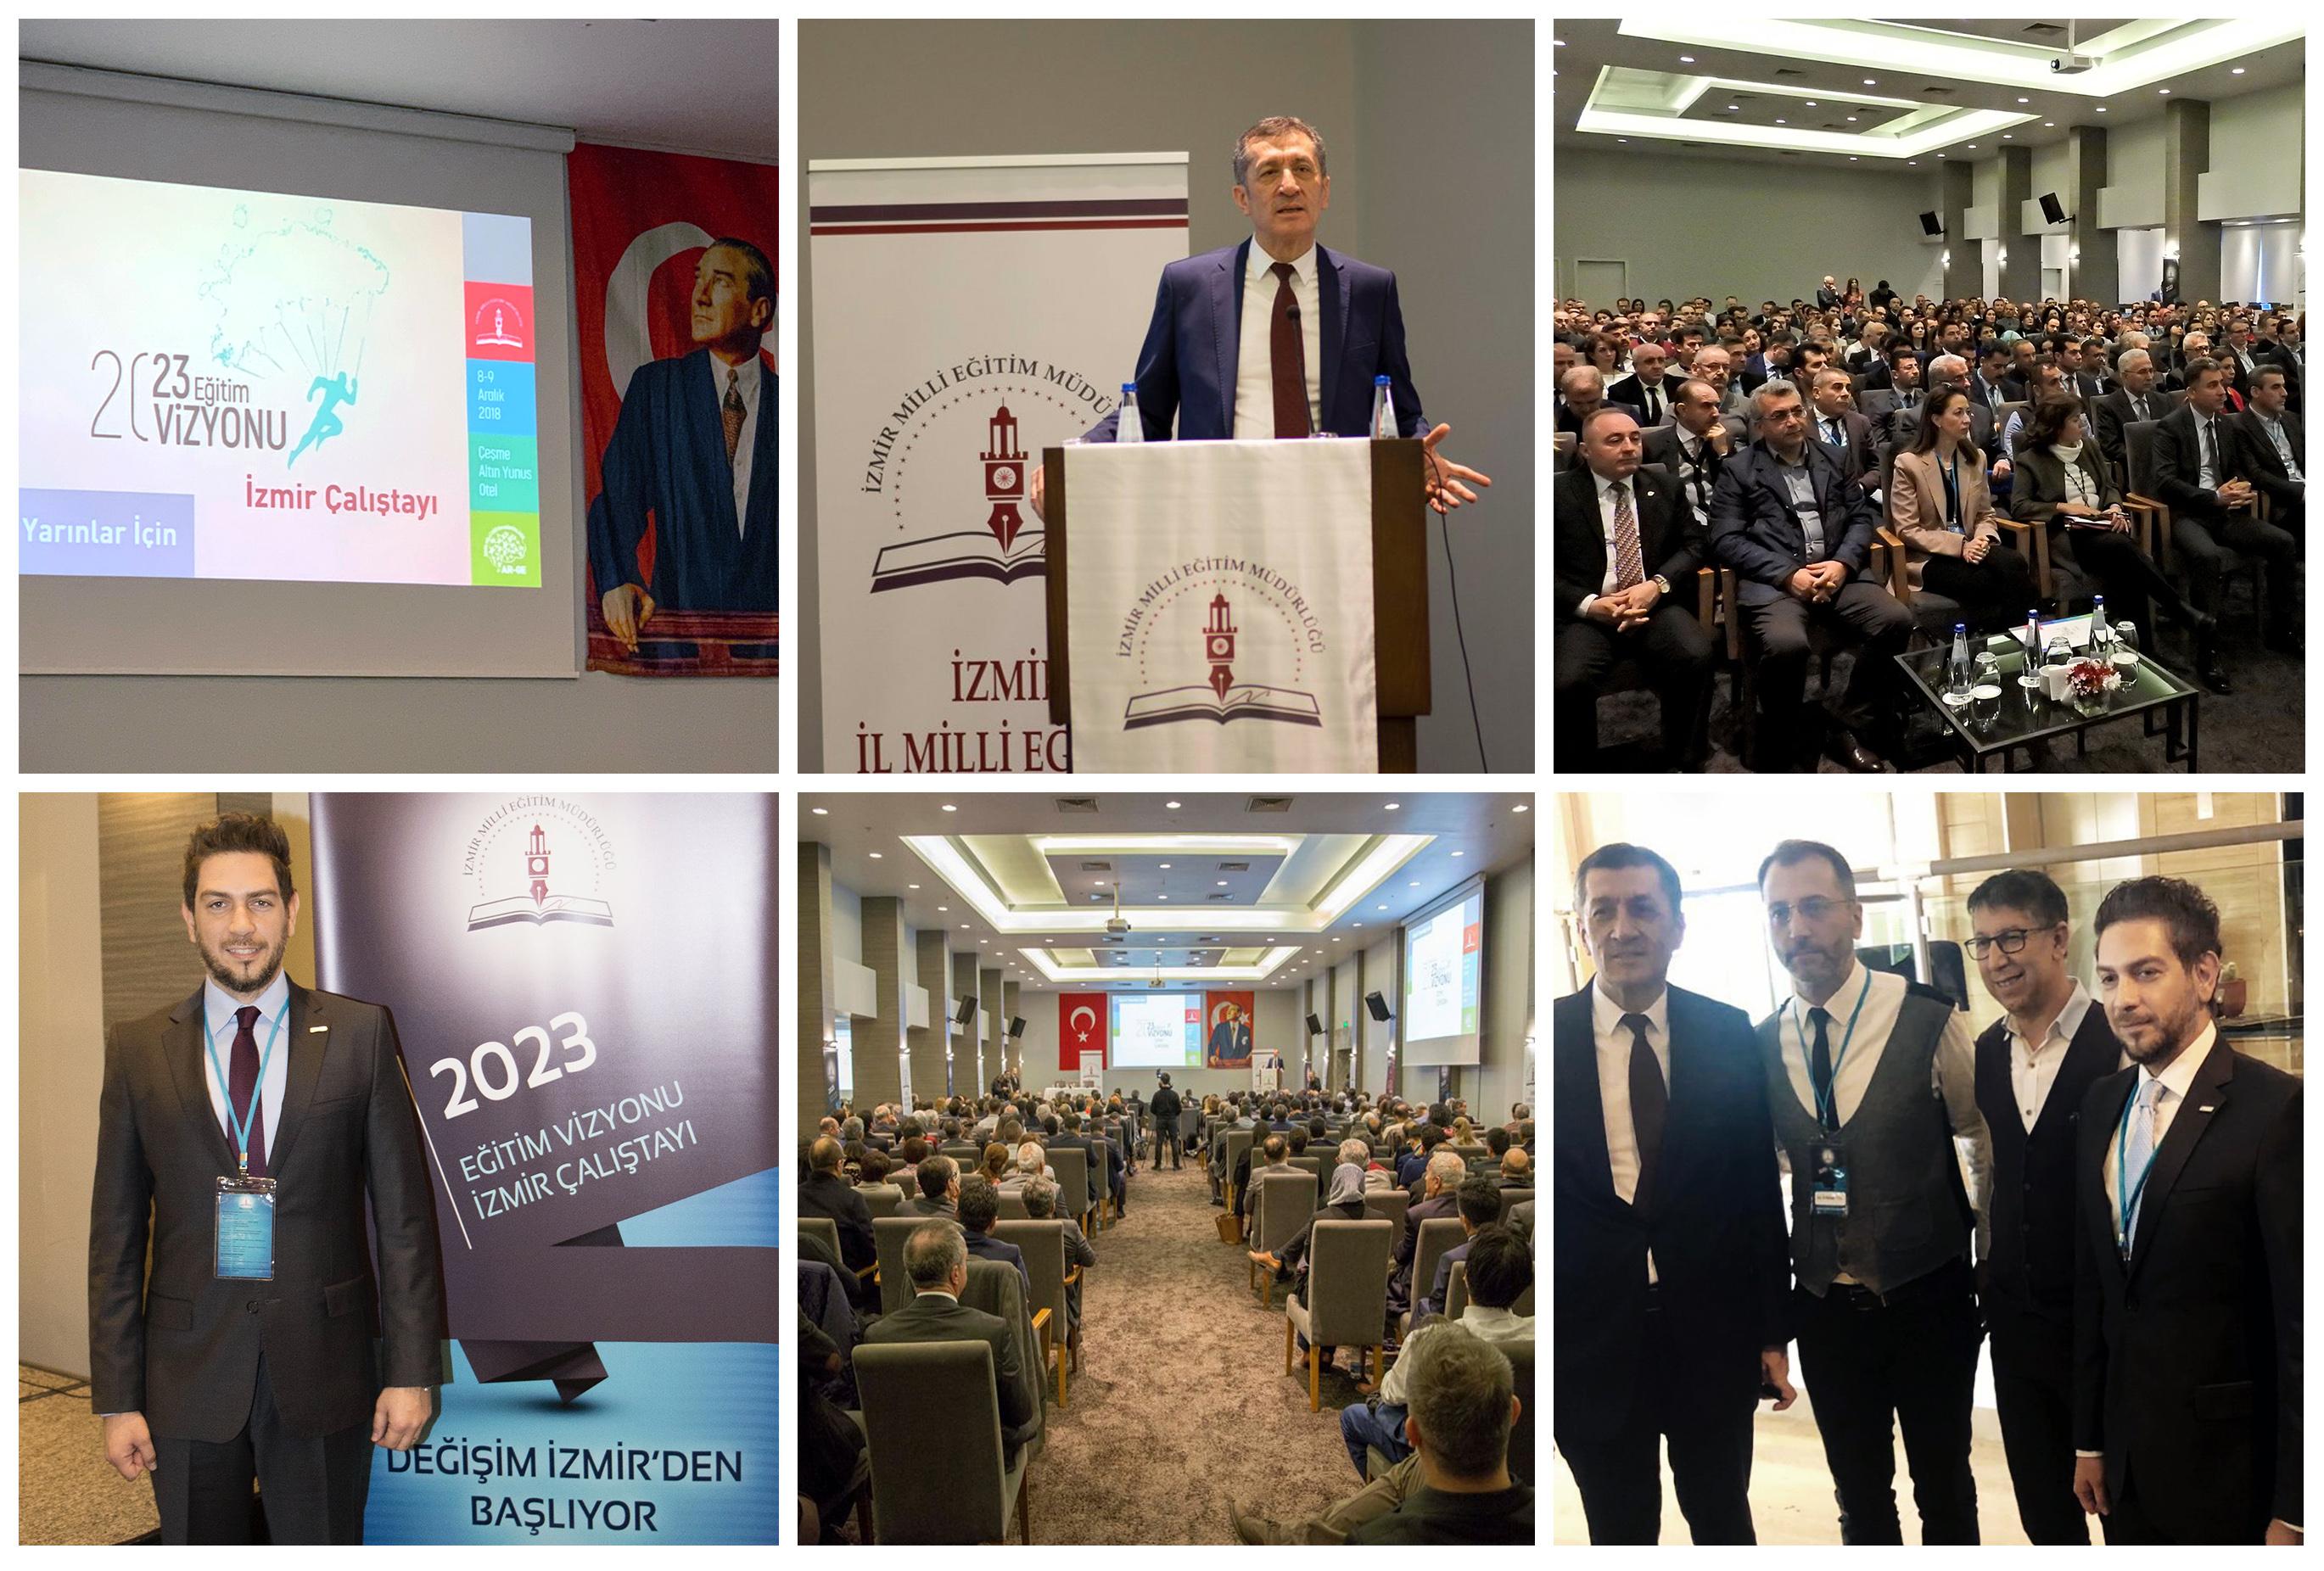 Alp Köksal 2023 Eğitim Vizyonu MEB